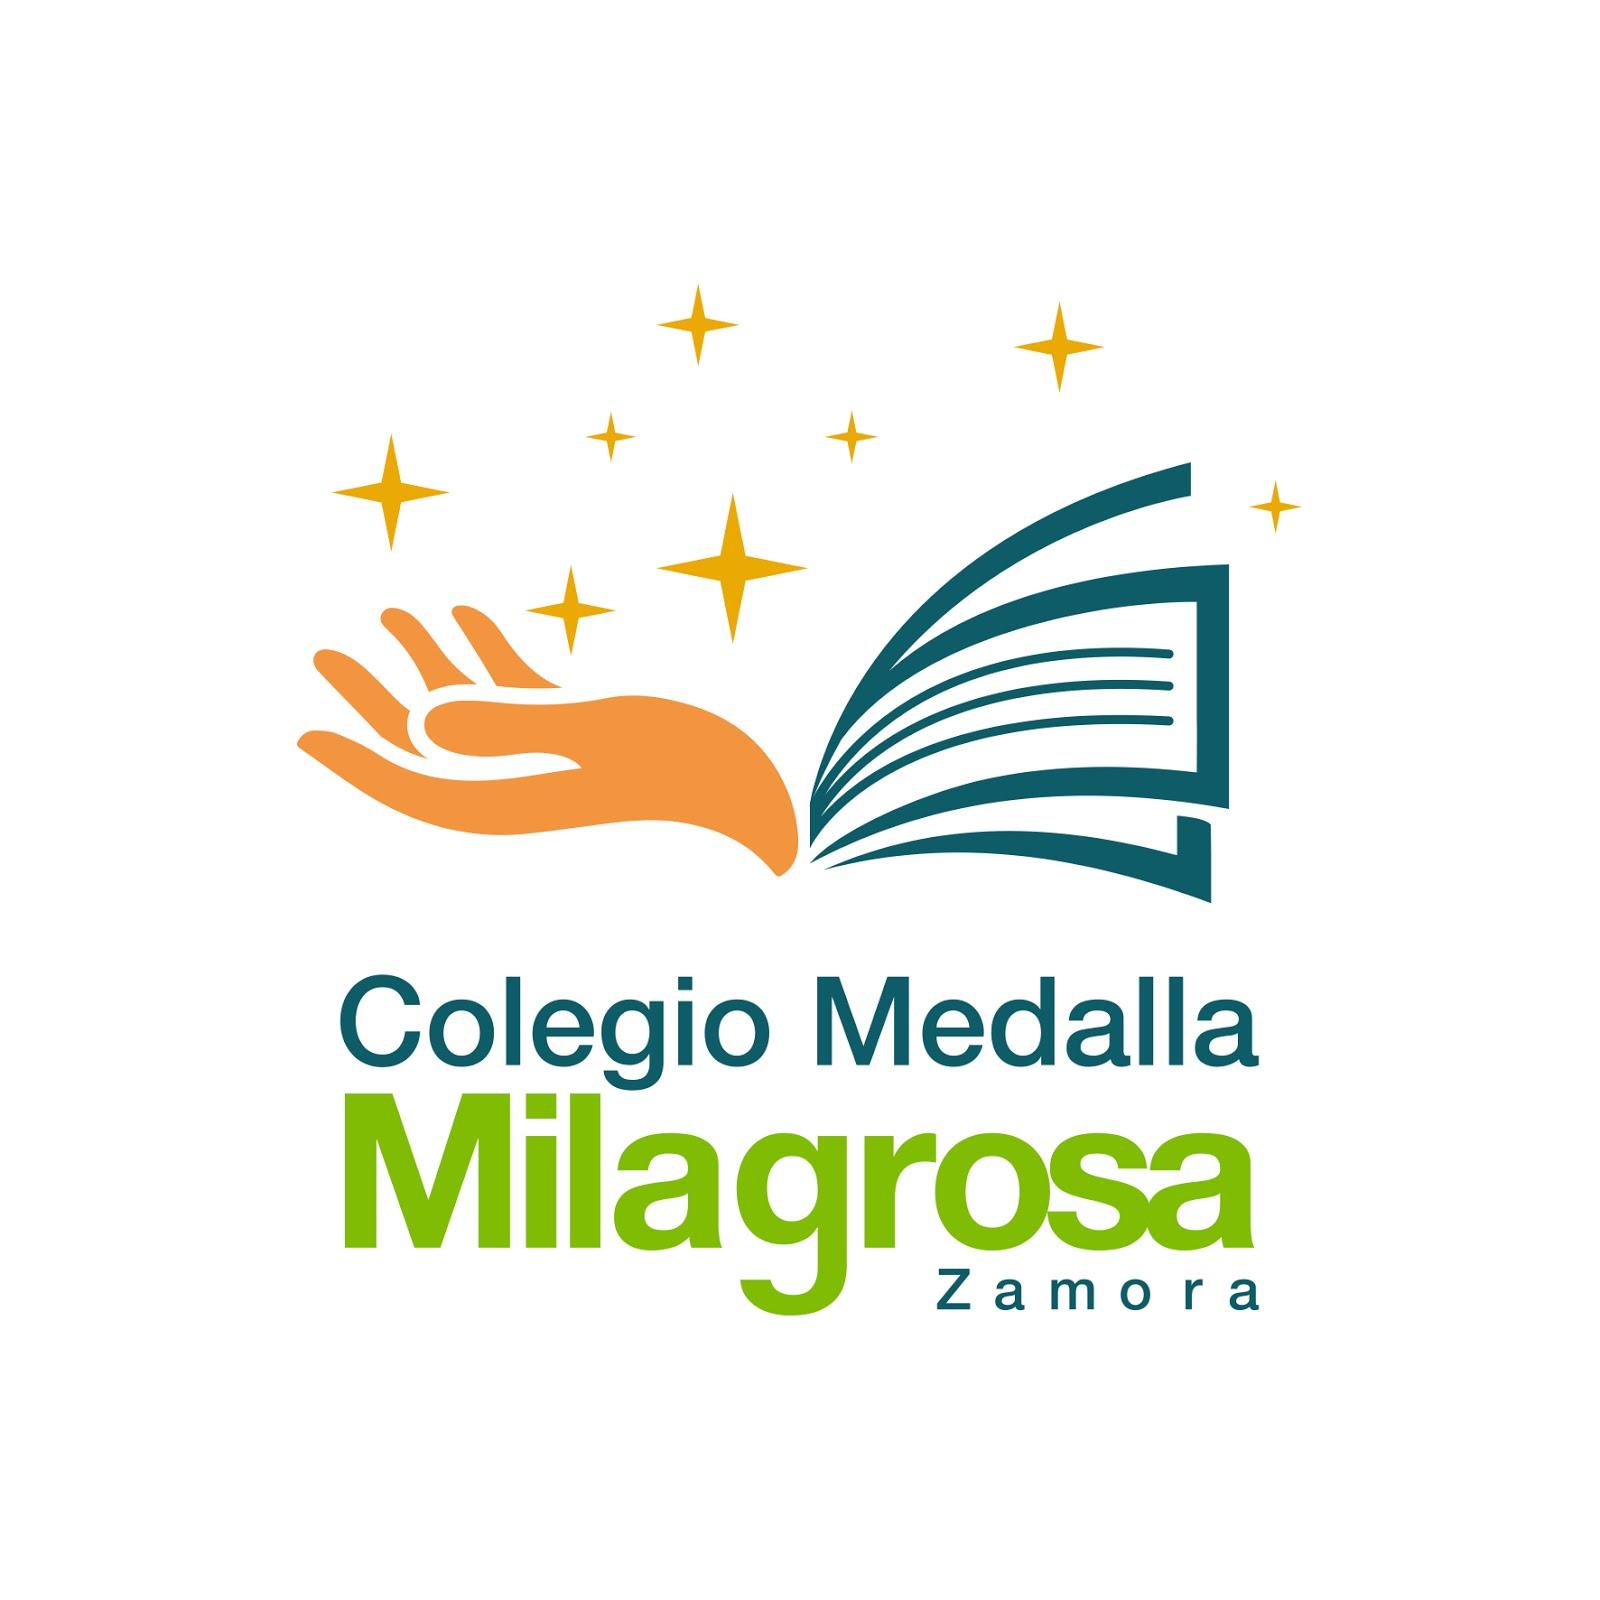 Colegio Medalla Milagrosa en el corazón de Zamora ¡¡ESTE ES TU SITIO!!